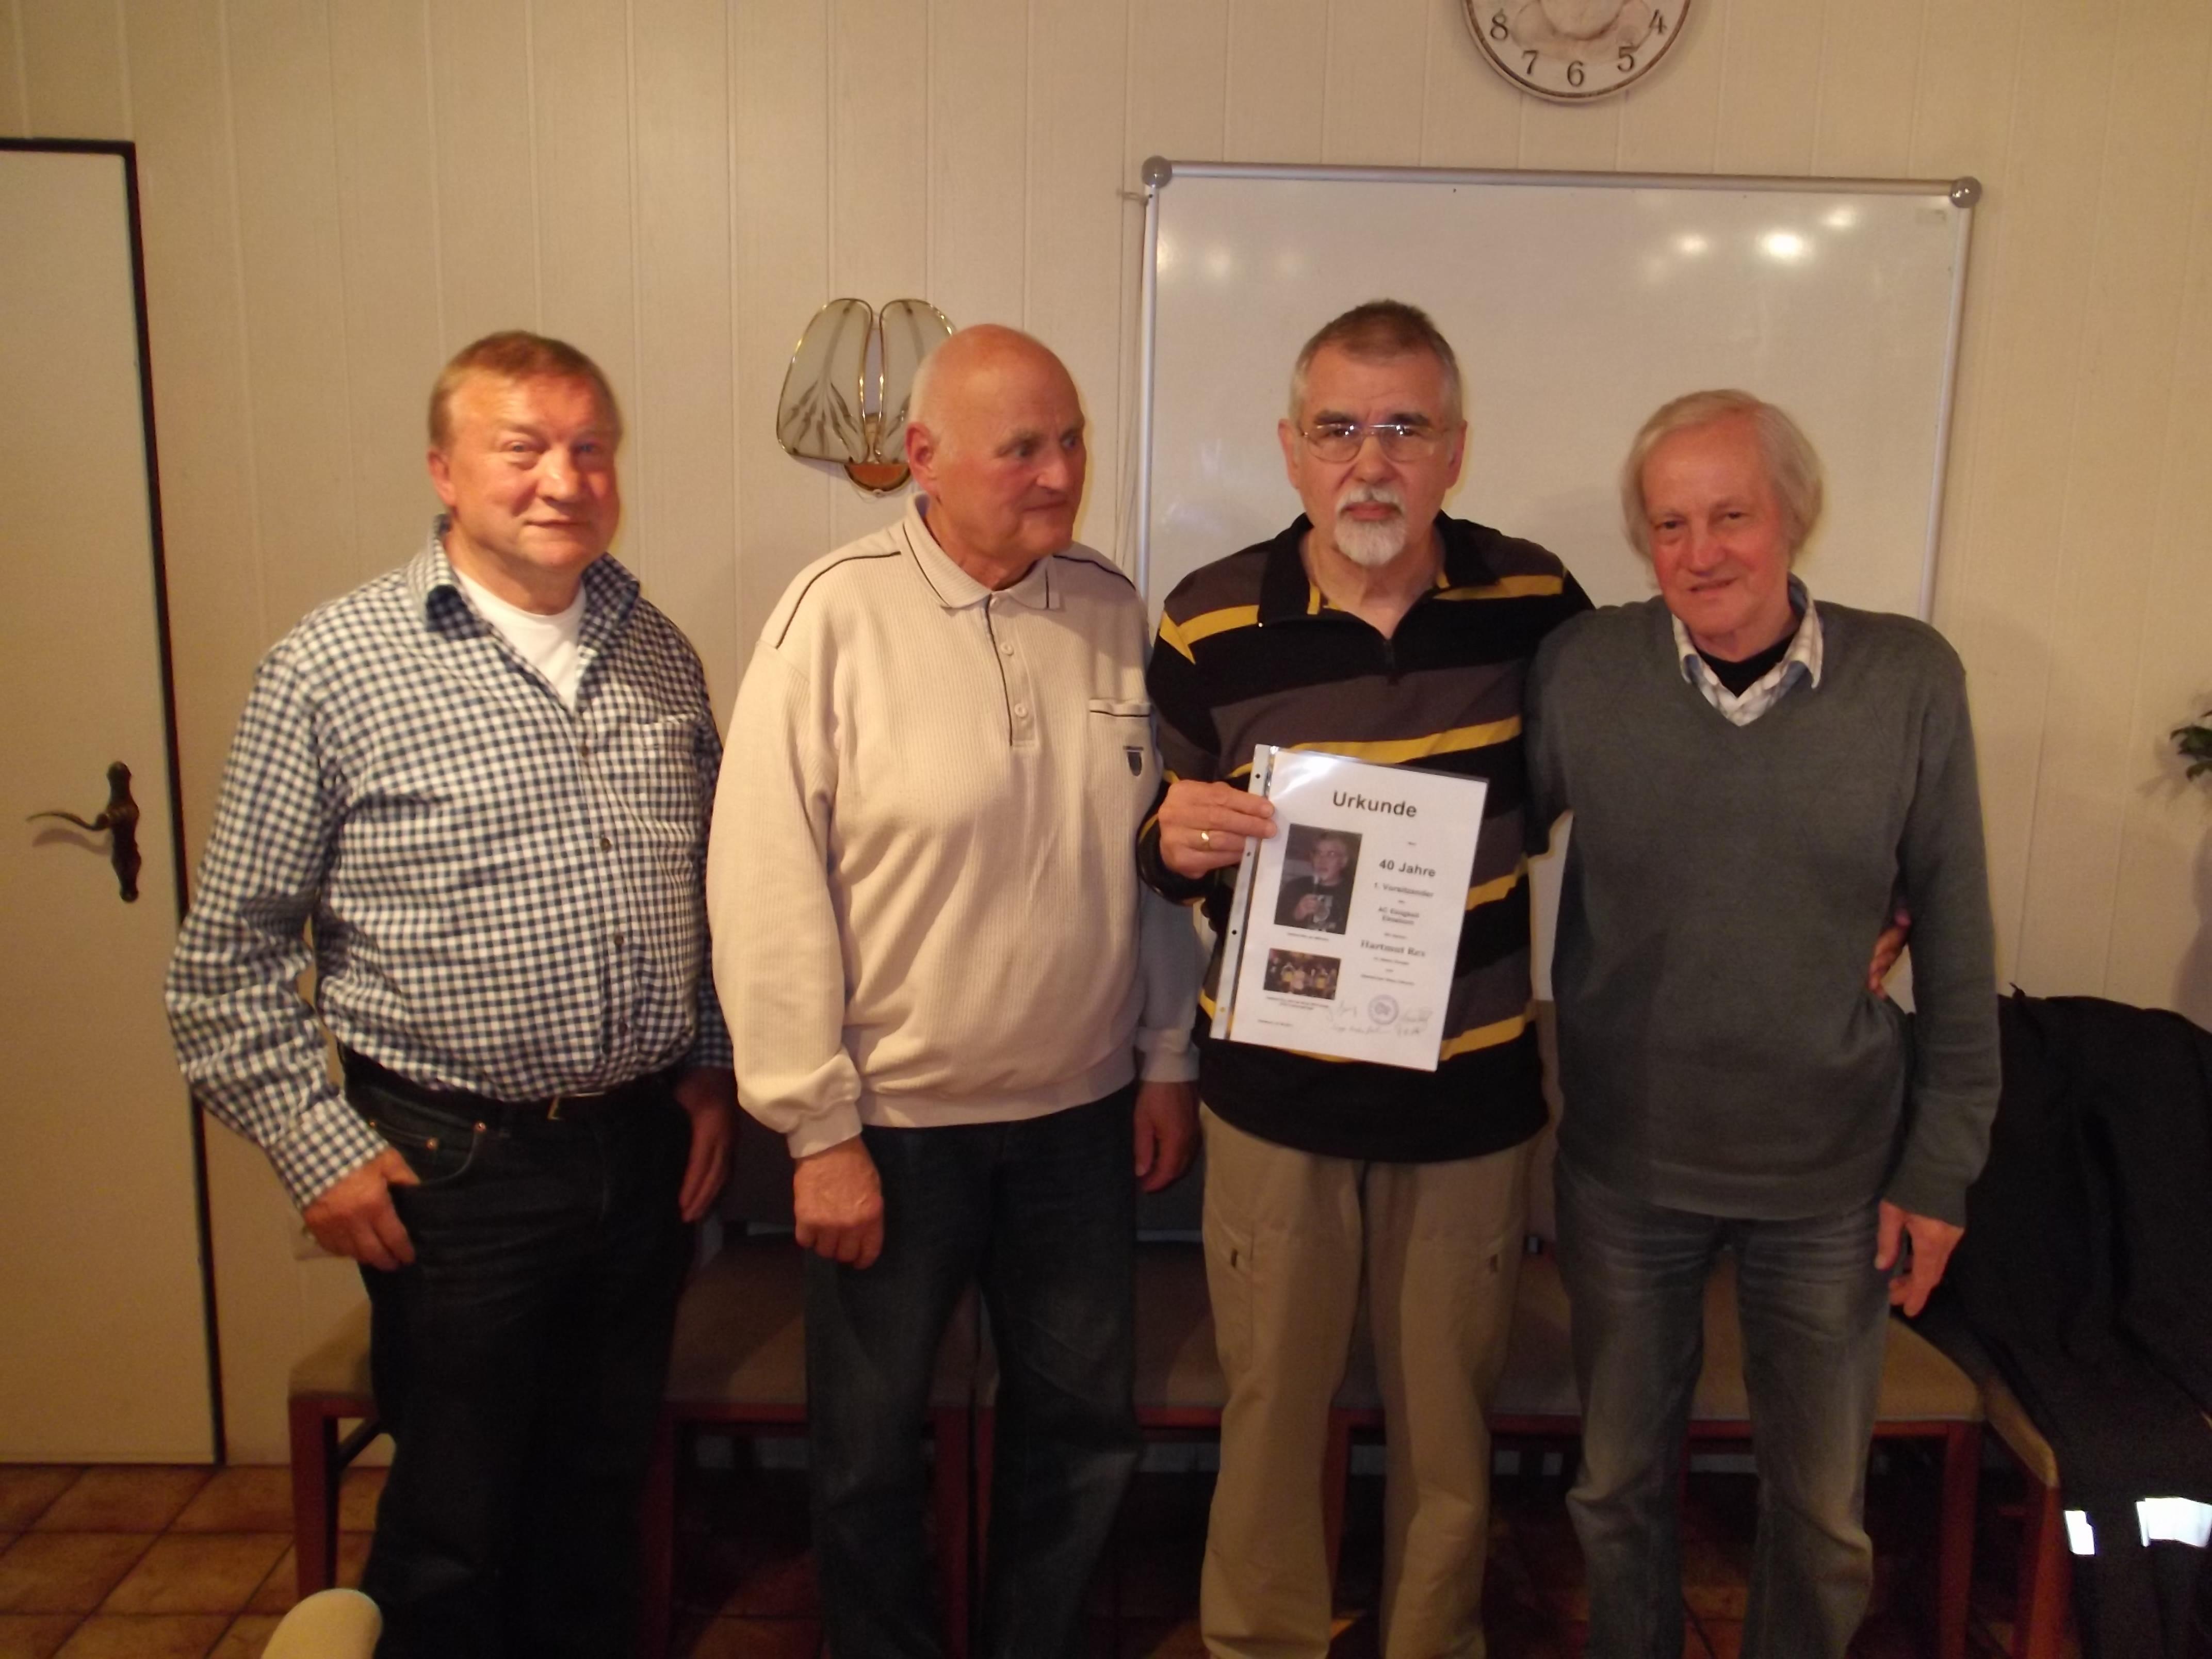 Hartmut Rex - 40 Jahre 1. Vorsitzendes des AC Einigkeit Elmshorn; von links: Siegfried Brehm, Peter Wulff, H. Rex, Manfred Karschau (inzwischen verstorben)